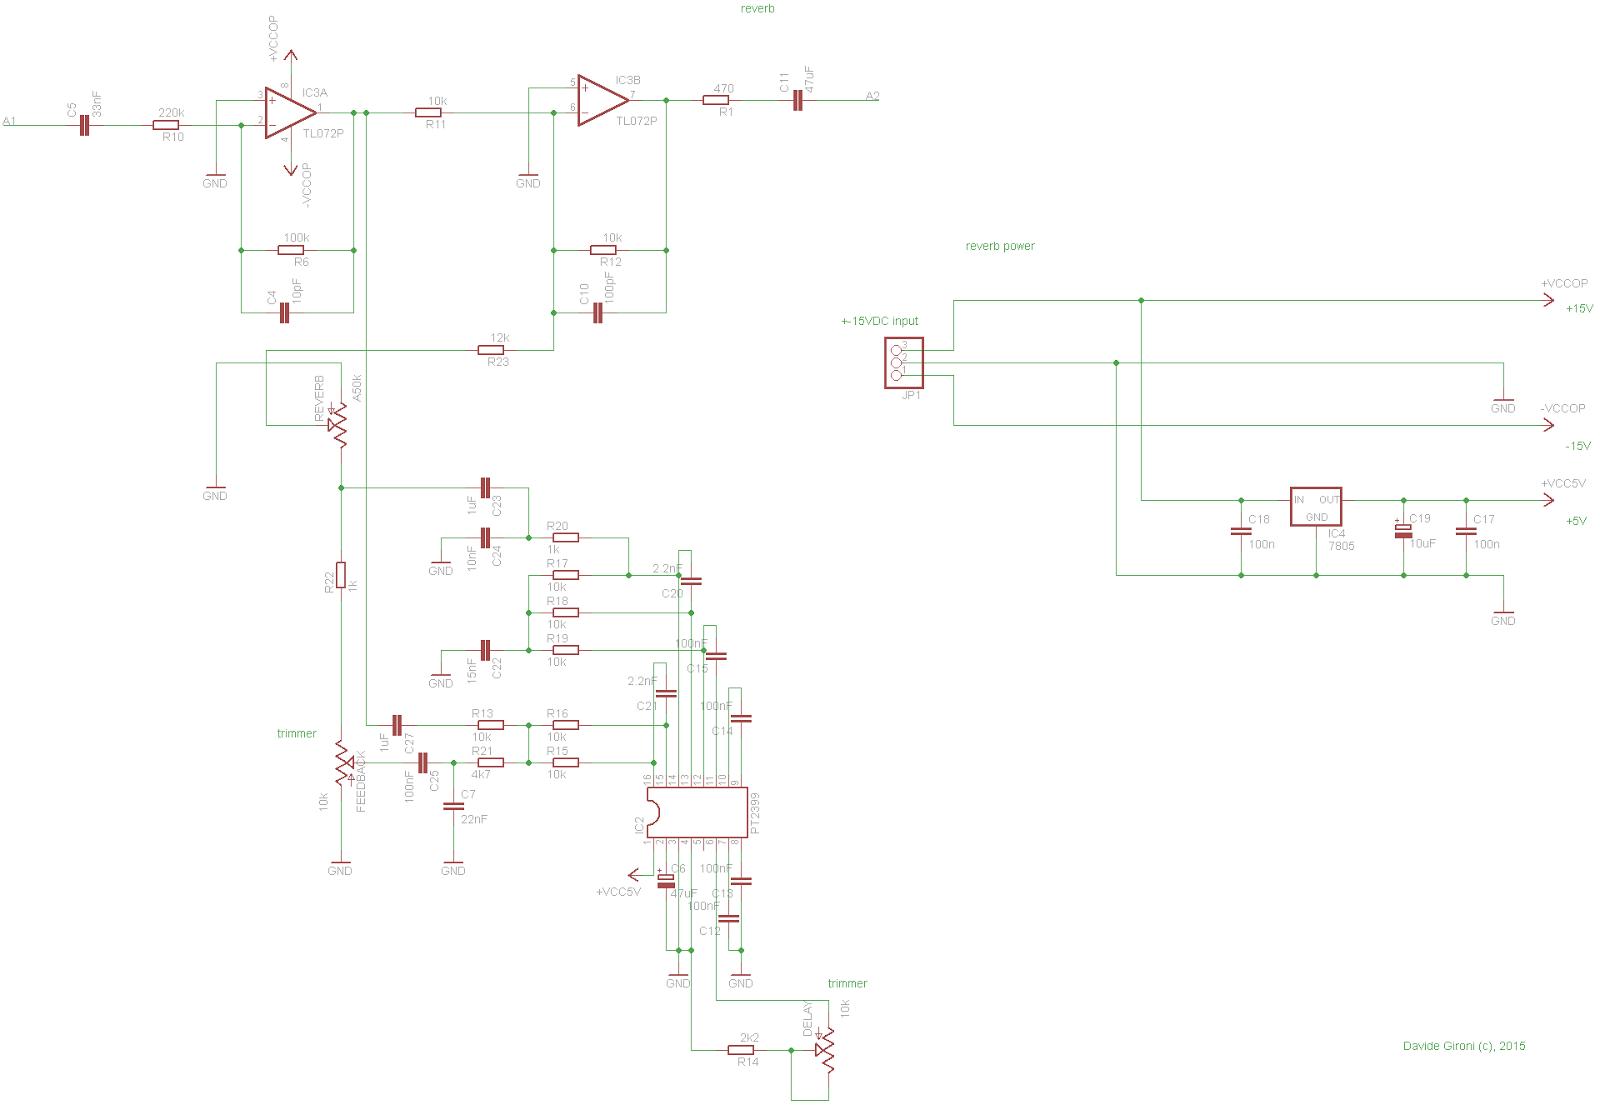 davide gironi: behringer v-tone gmx212 hybrid tube ... behringer amp schematic amp schematic #11